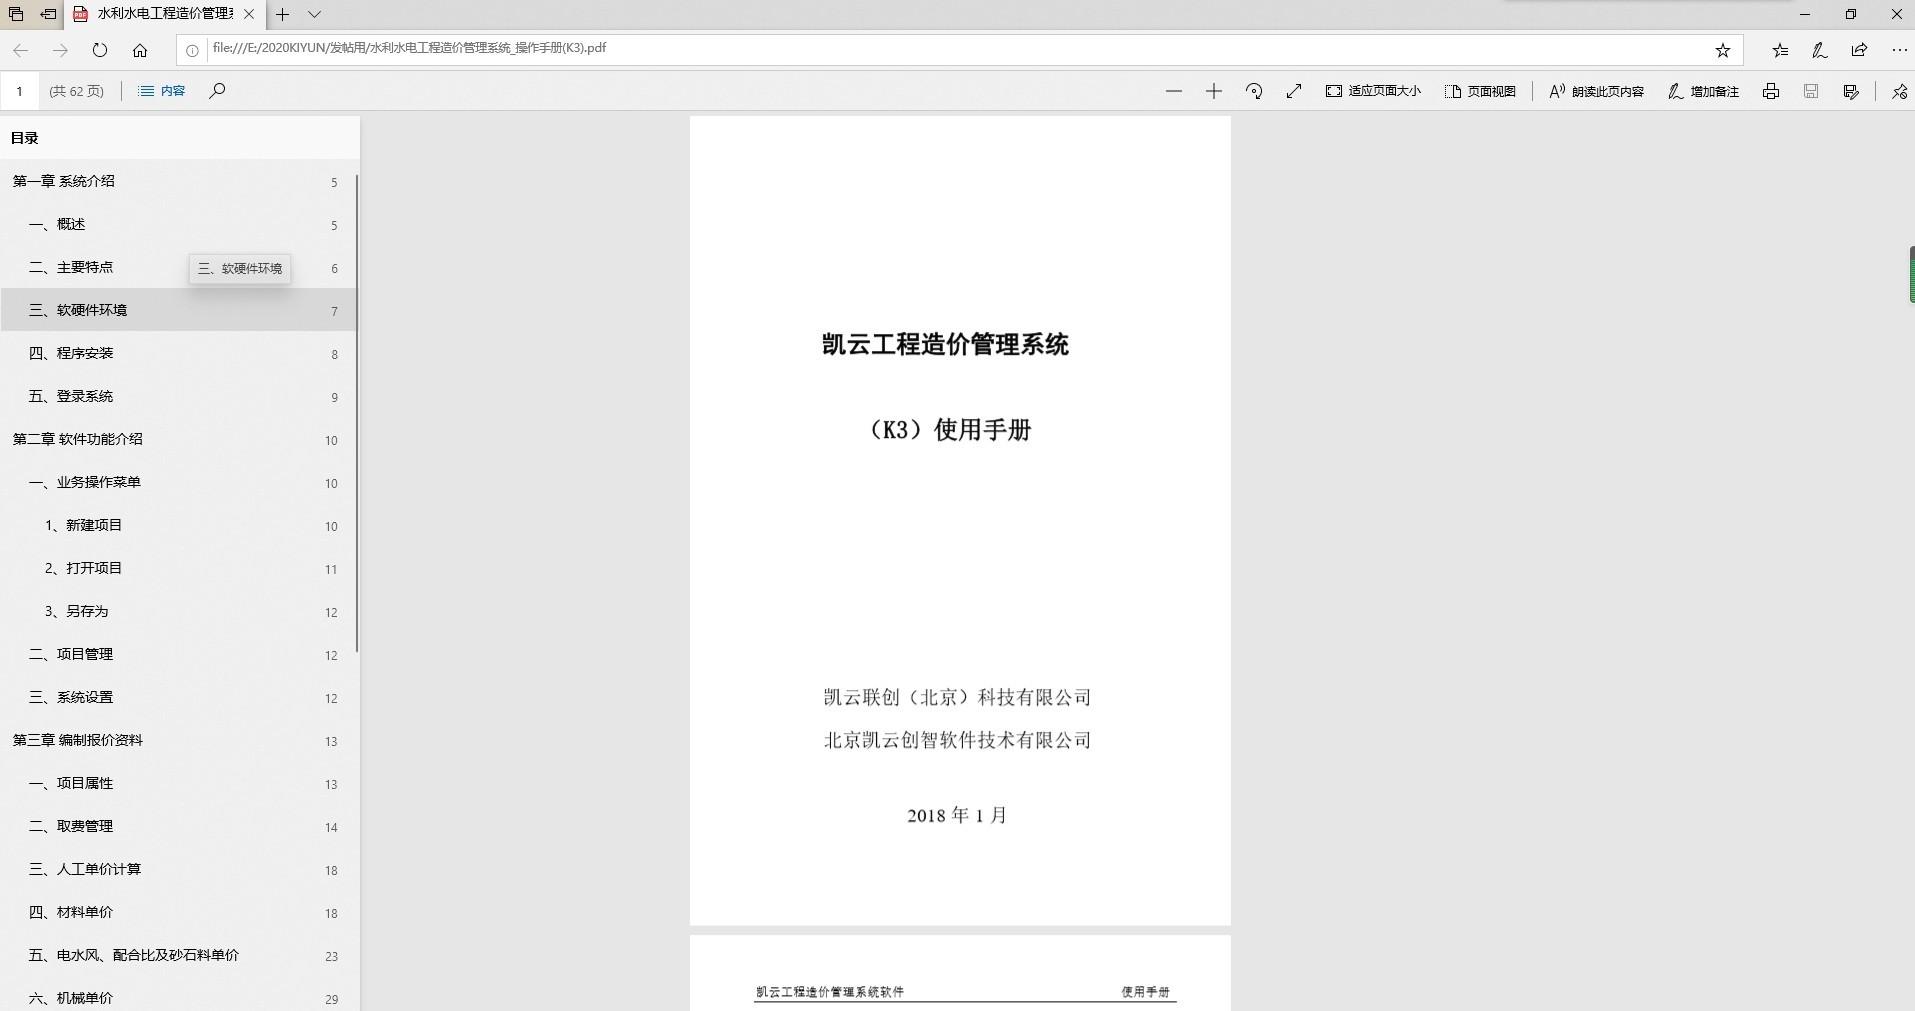 凯云水利水电造价软件操作手册